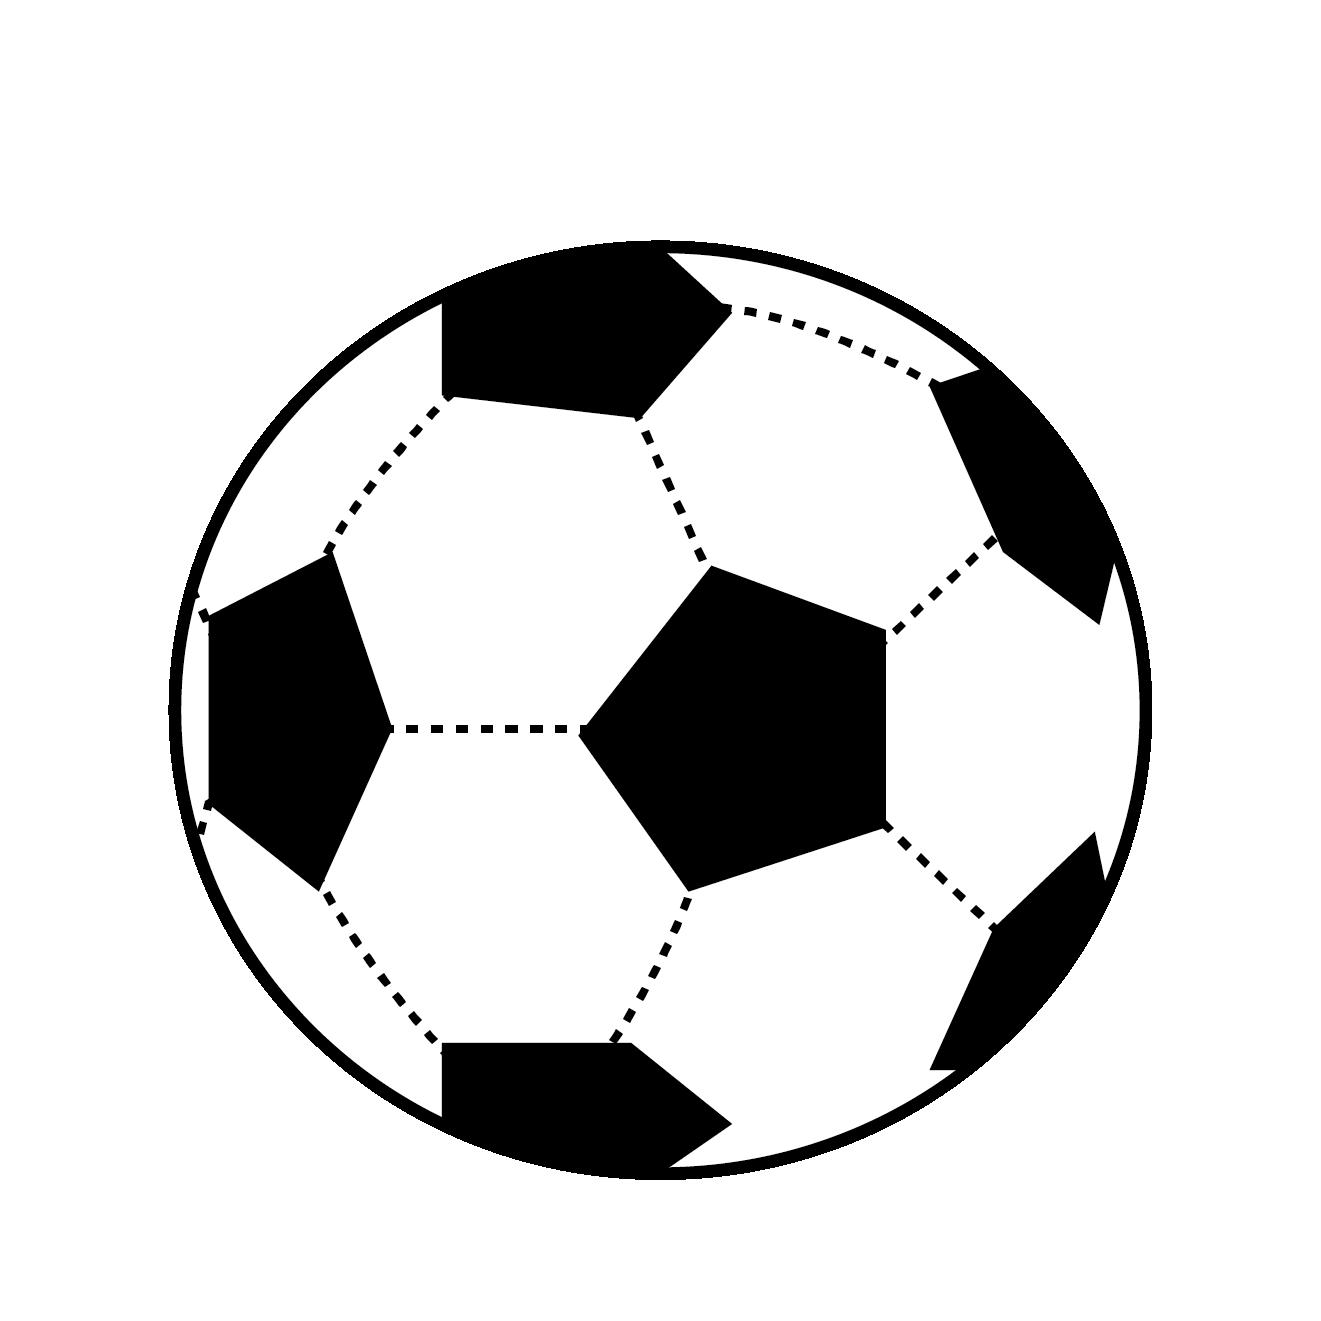 サッカー ボールの イラスト【スポーツ】